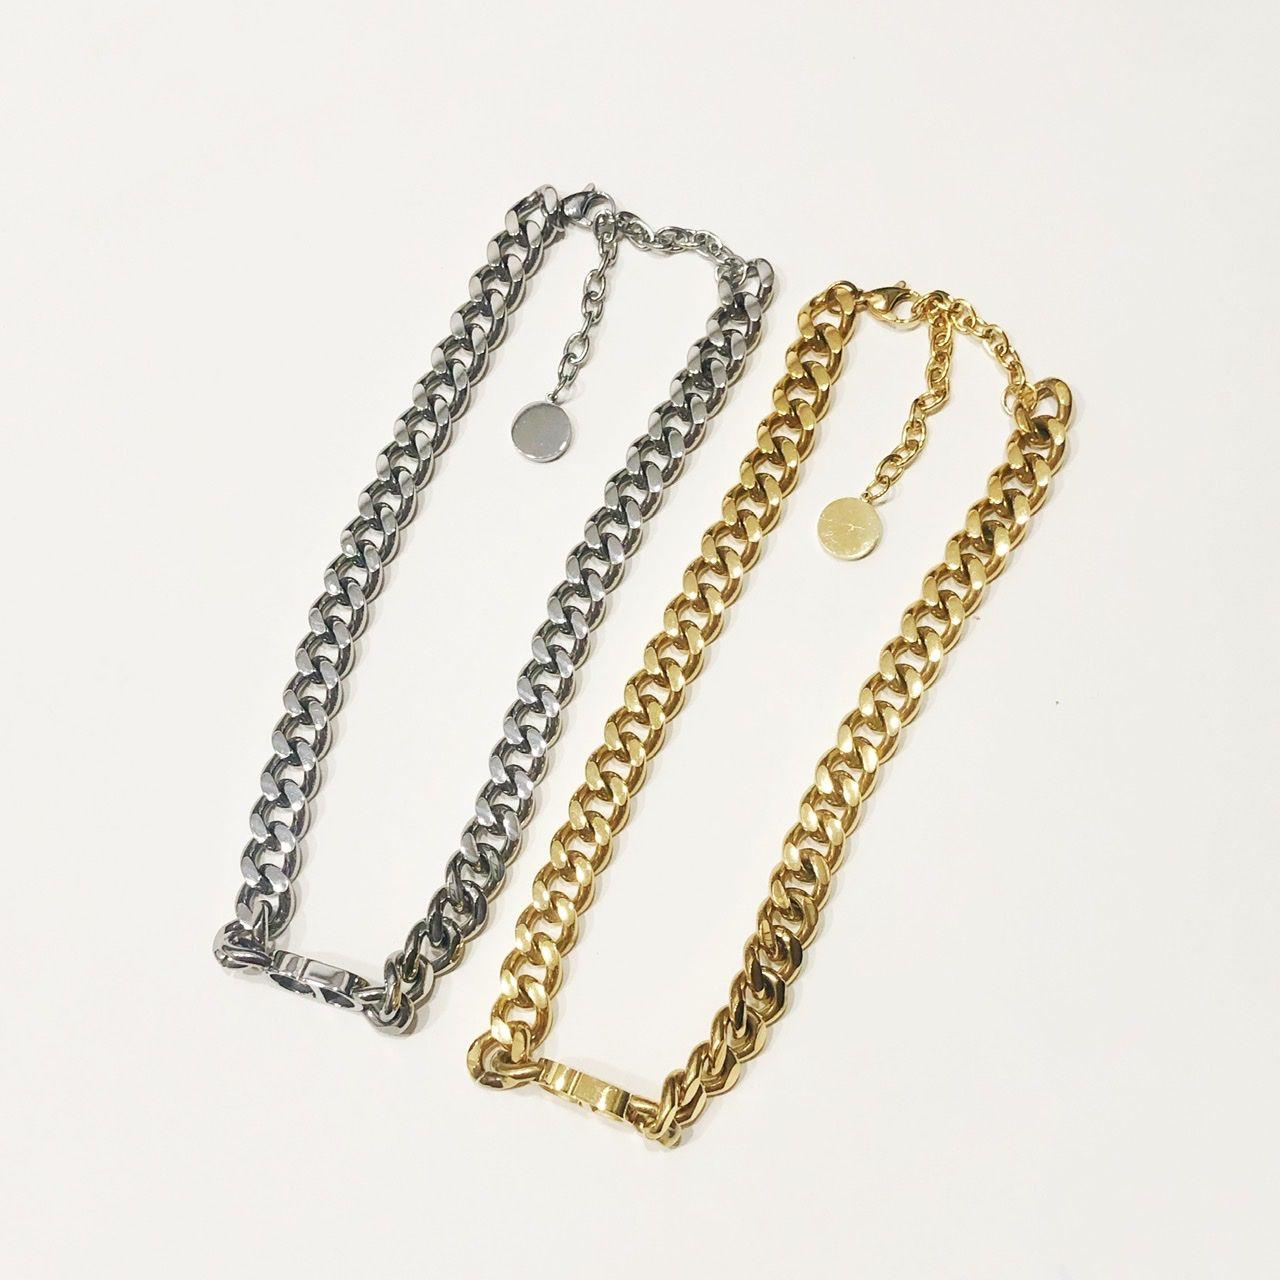 Designer di lusso Gioielli Donne Choker Catene cubane Collane con pendente in oro Lettera e braccialetti Abiti in argento in acciaio inox materiale stile moda stile